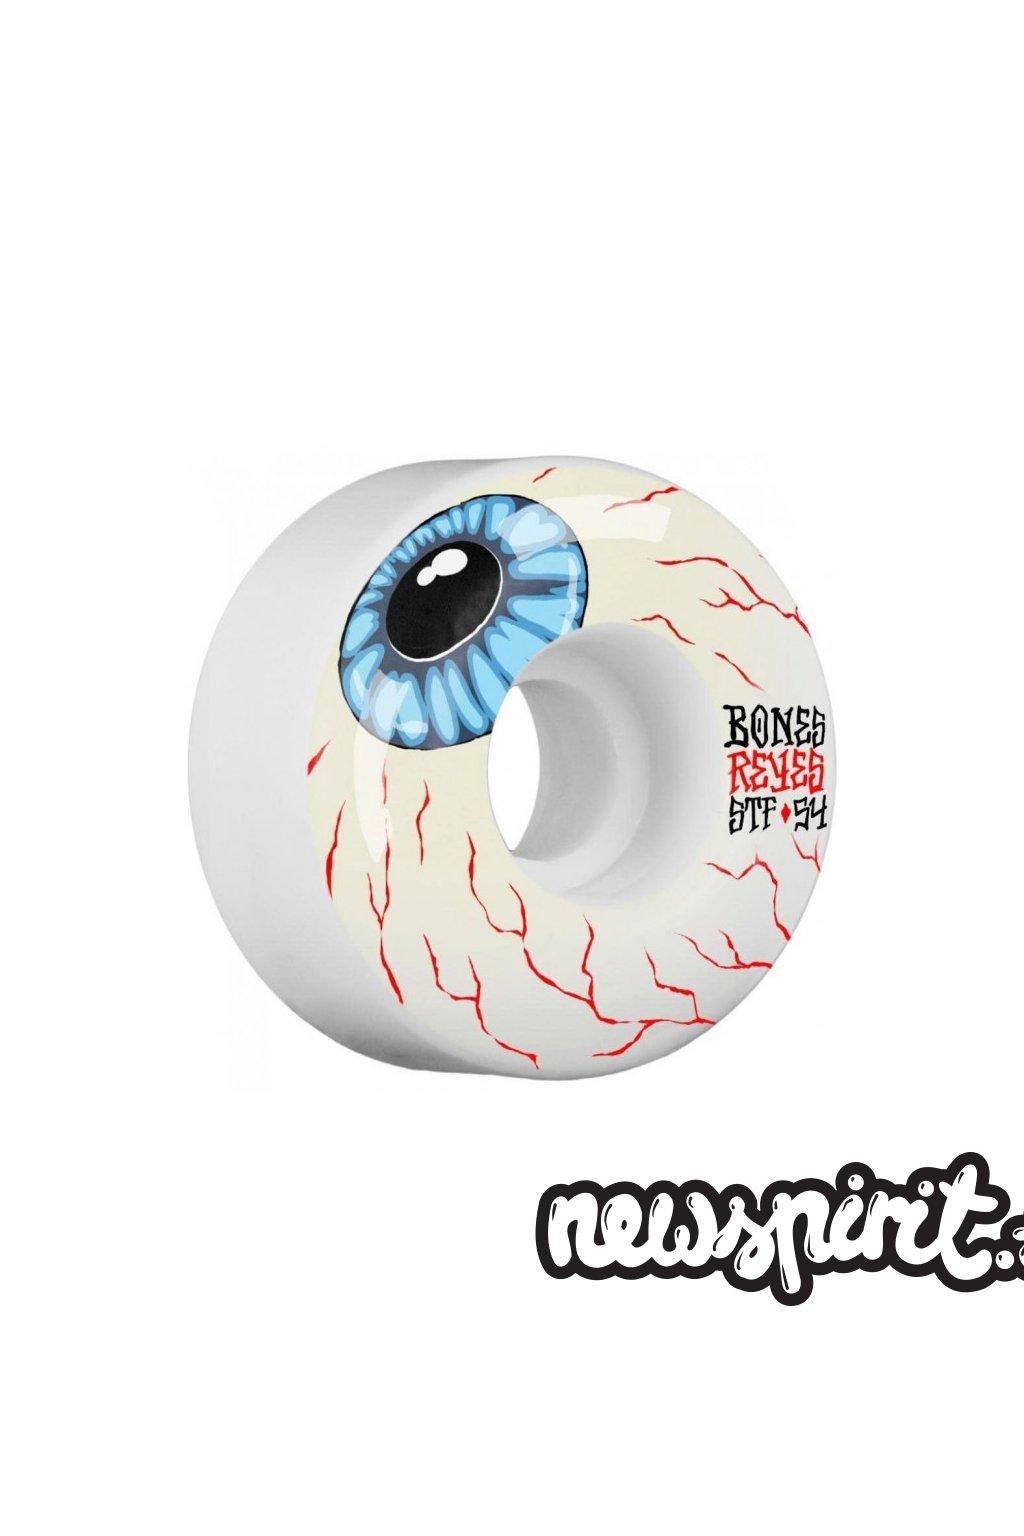 Kolesa BONES STF Reyea Eyeball V4